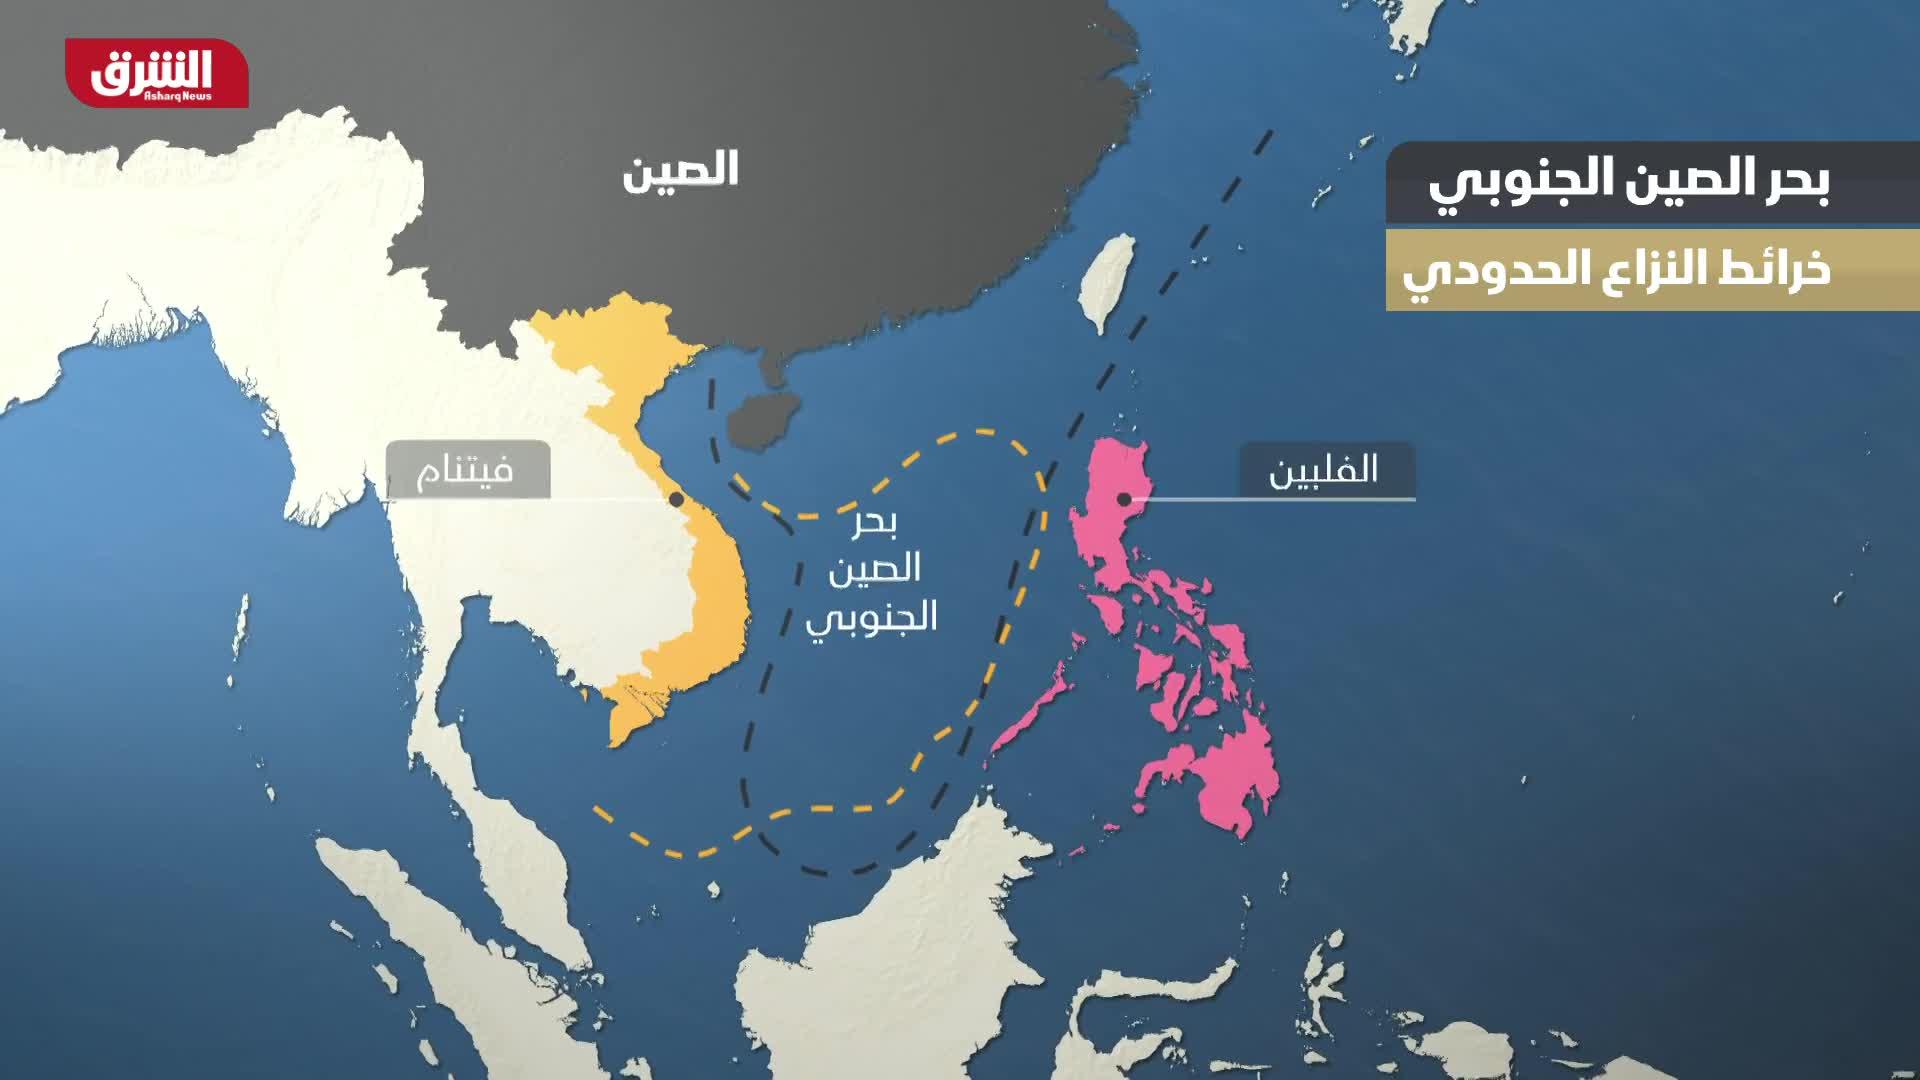 بحر الصين الجنوبي - خرائط النزاع الحدودي